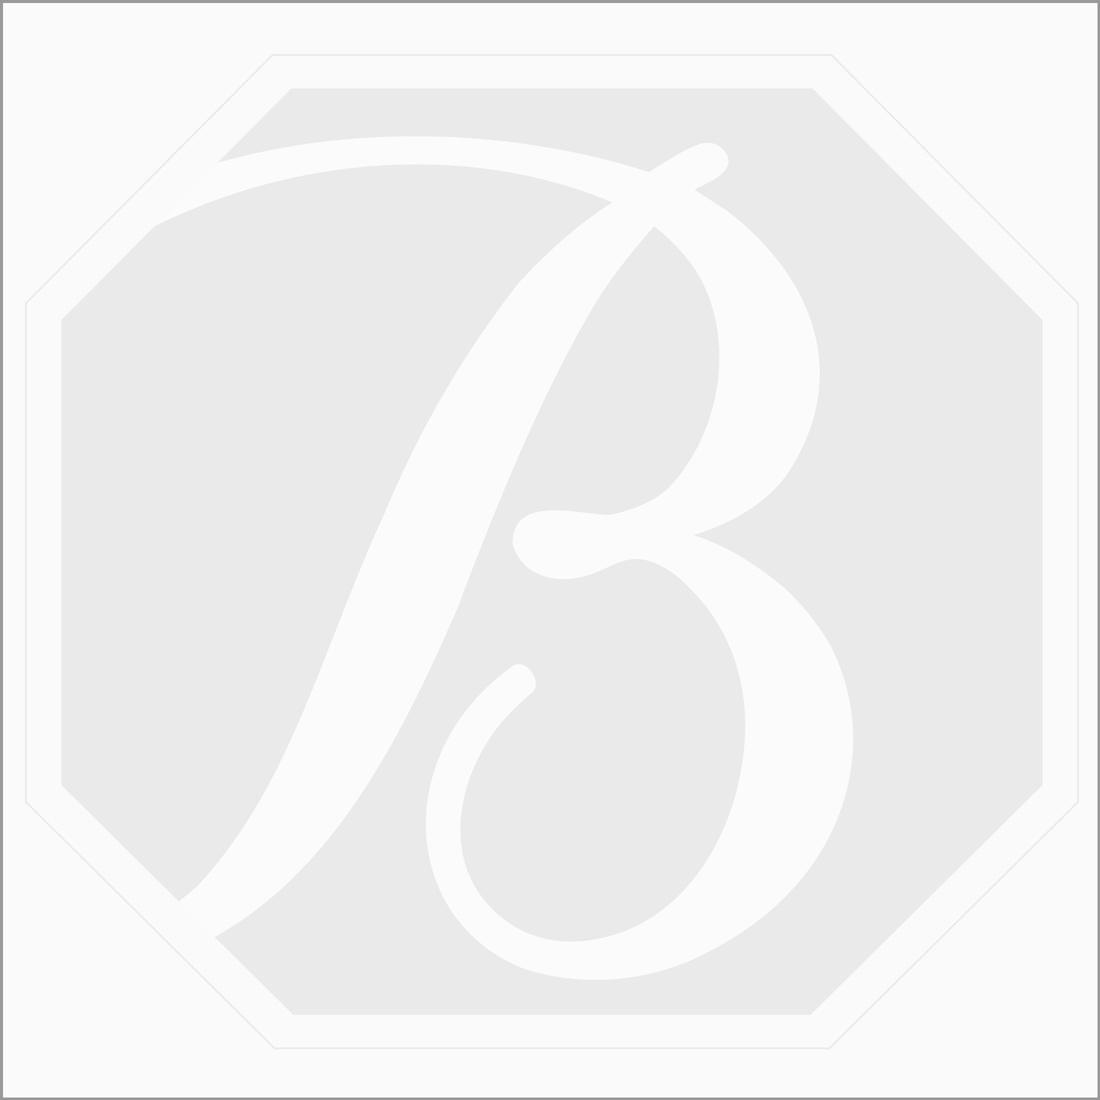 2 Pcs - Dark Green Tourmaline Rose Cuts - 4.96 ct. - 12.3 x 9.7 x 2.5 mm & 12.3 x 10 x 2.4 mm (TRC1034)